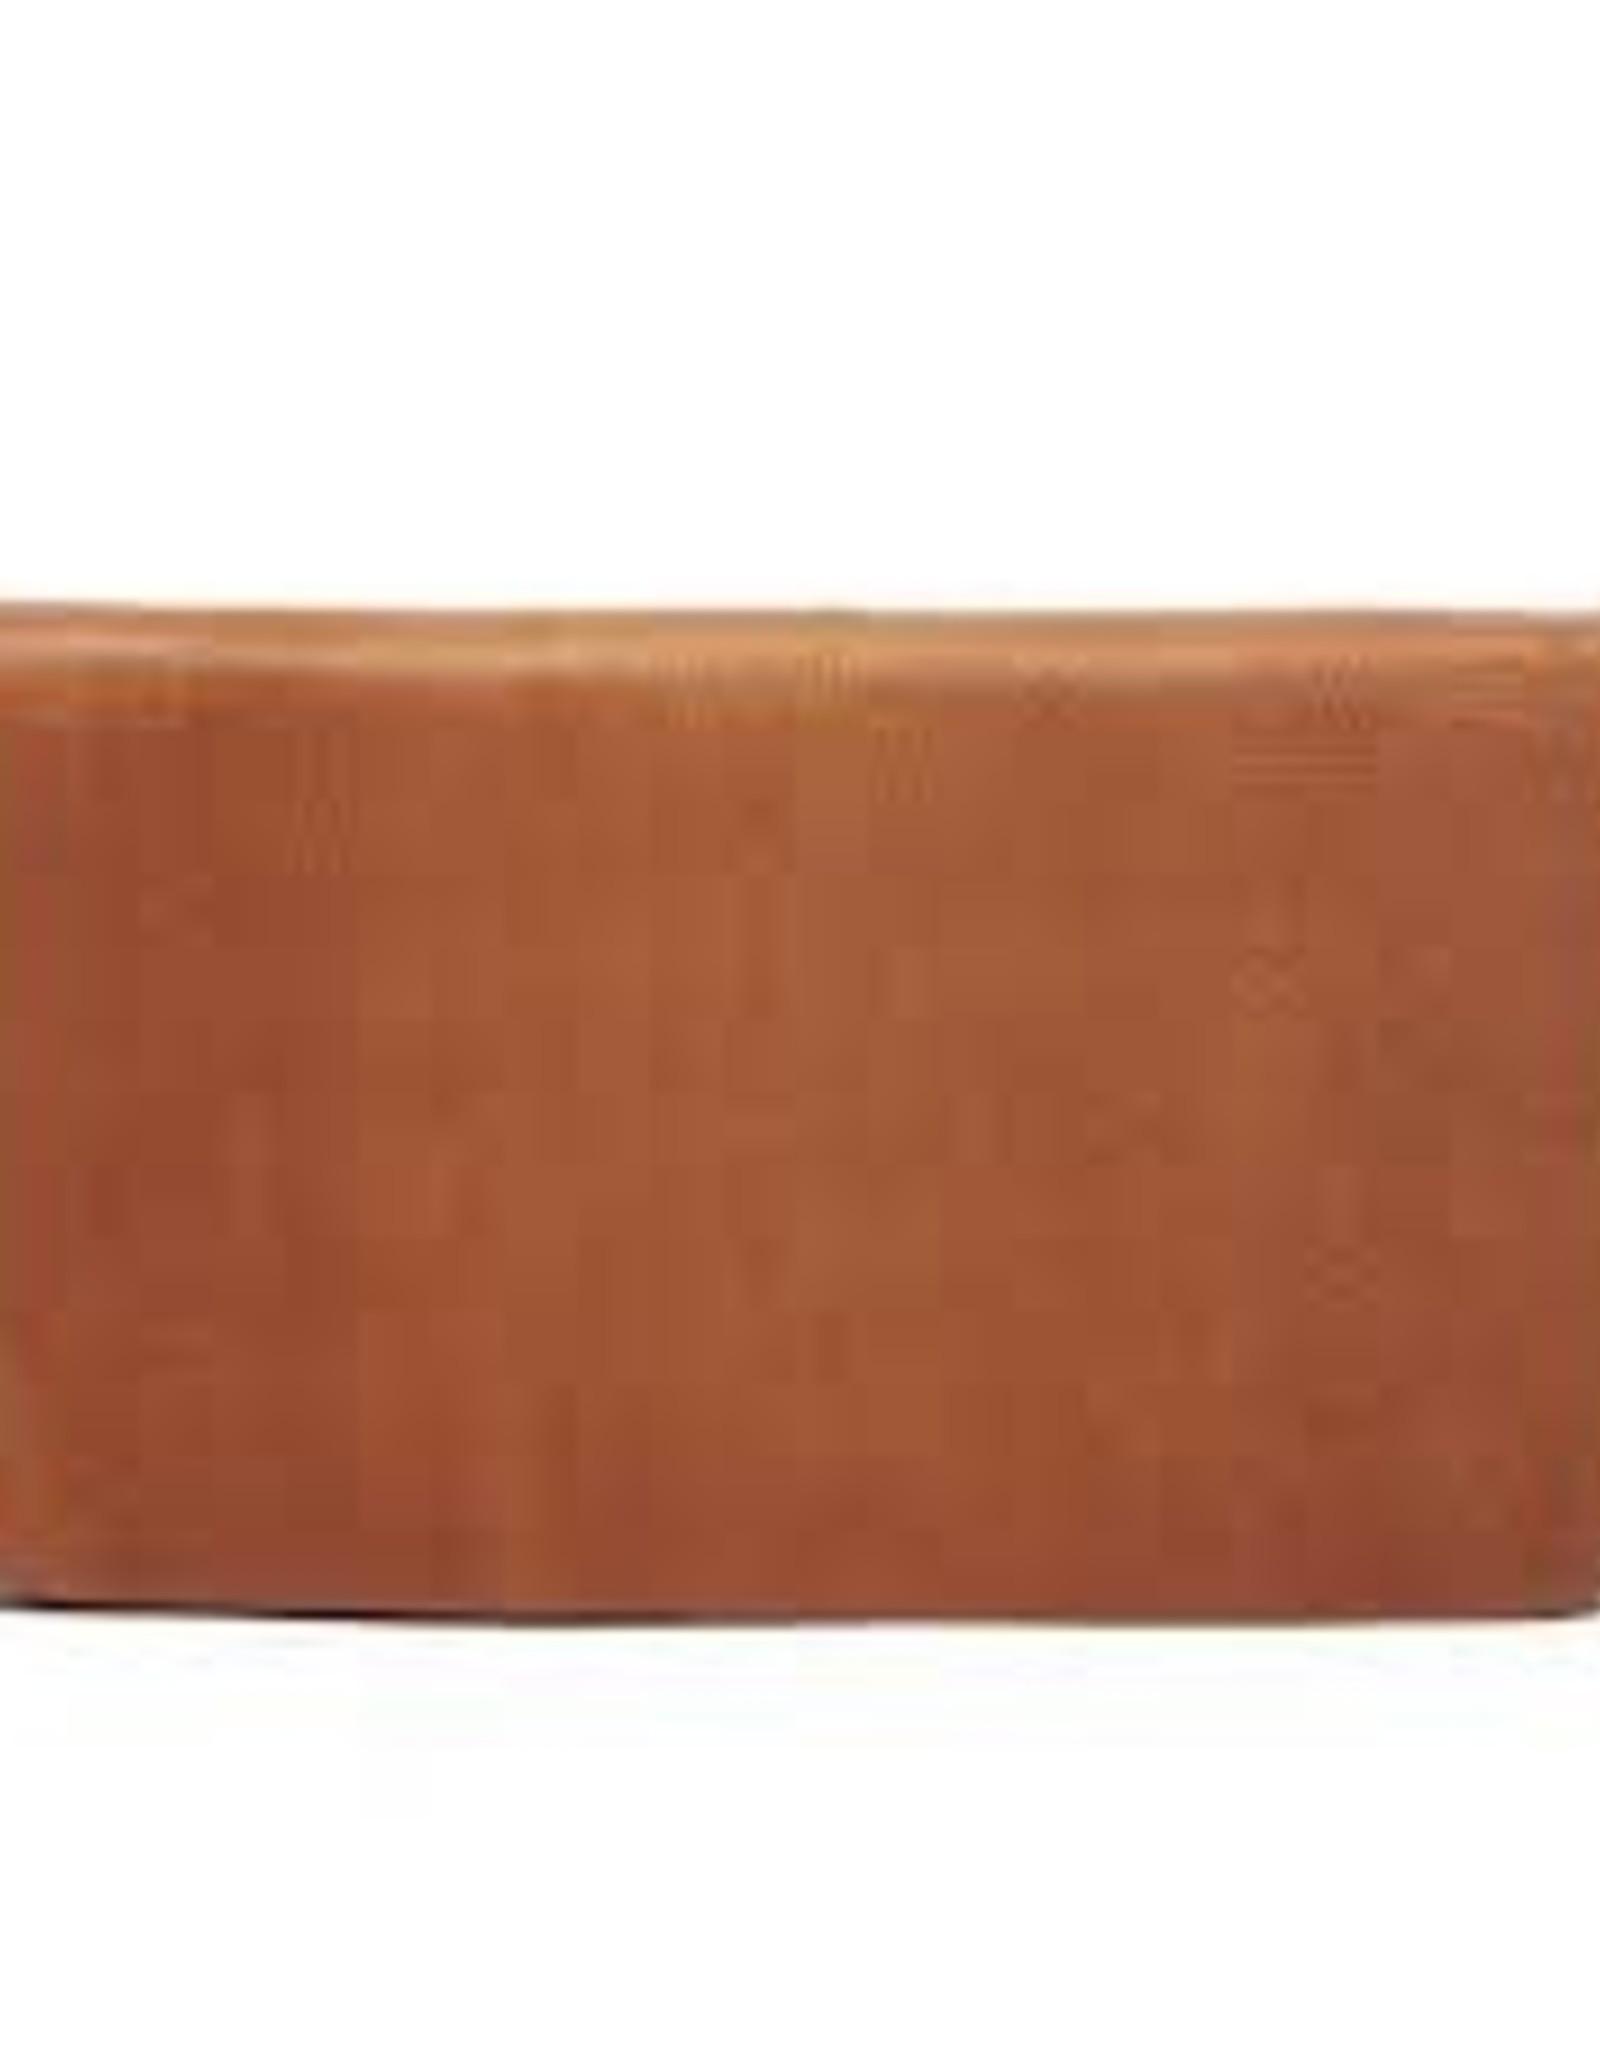 Genesis Wallet - Tan